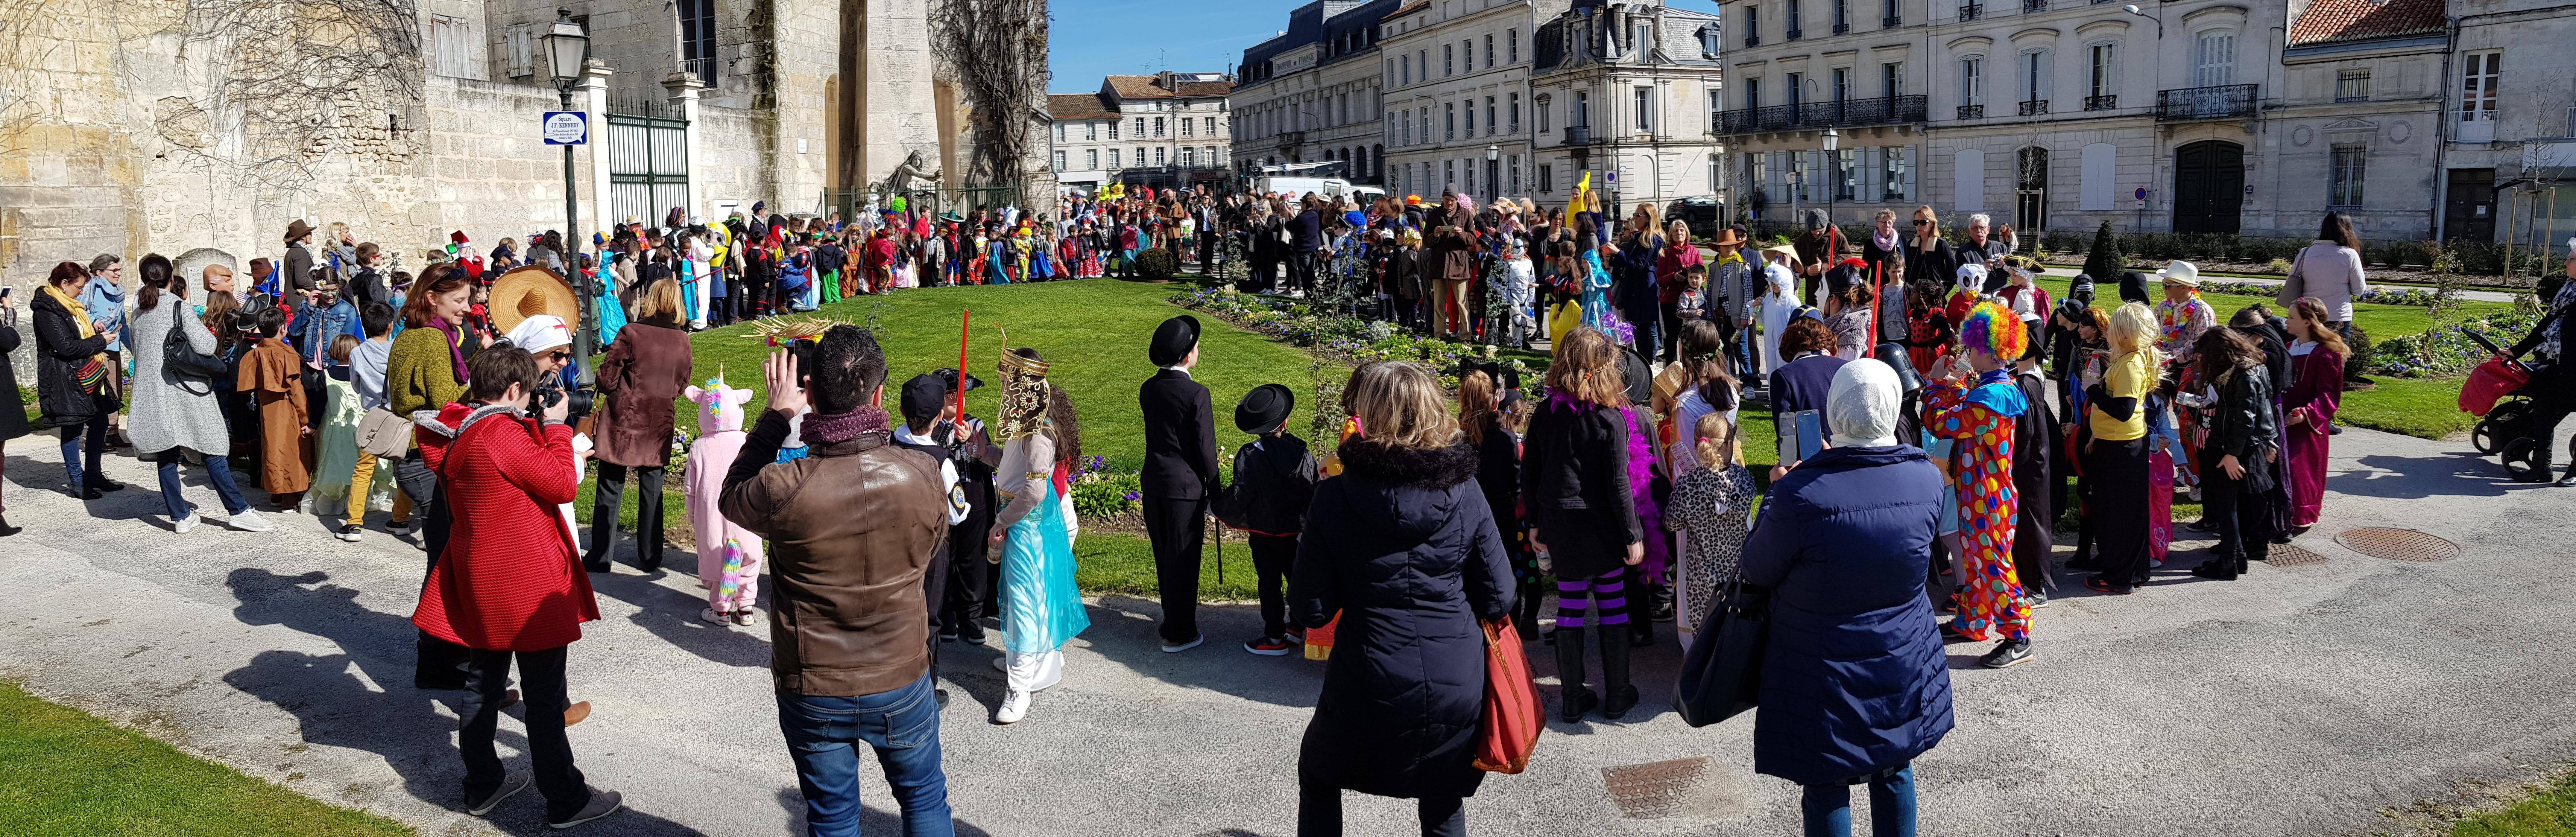 Ecole Saint-Paul fait son Carnaval